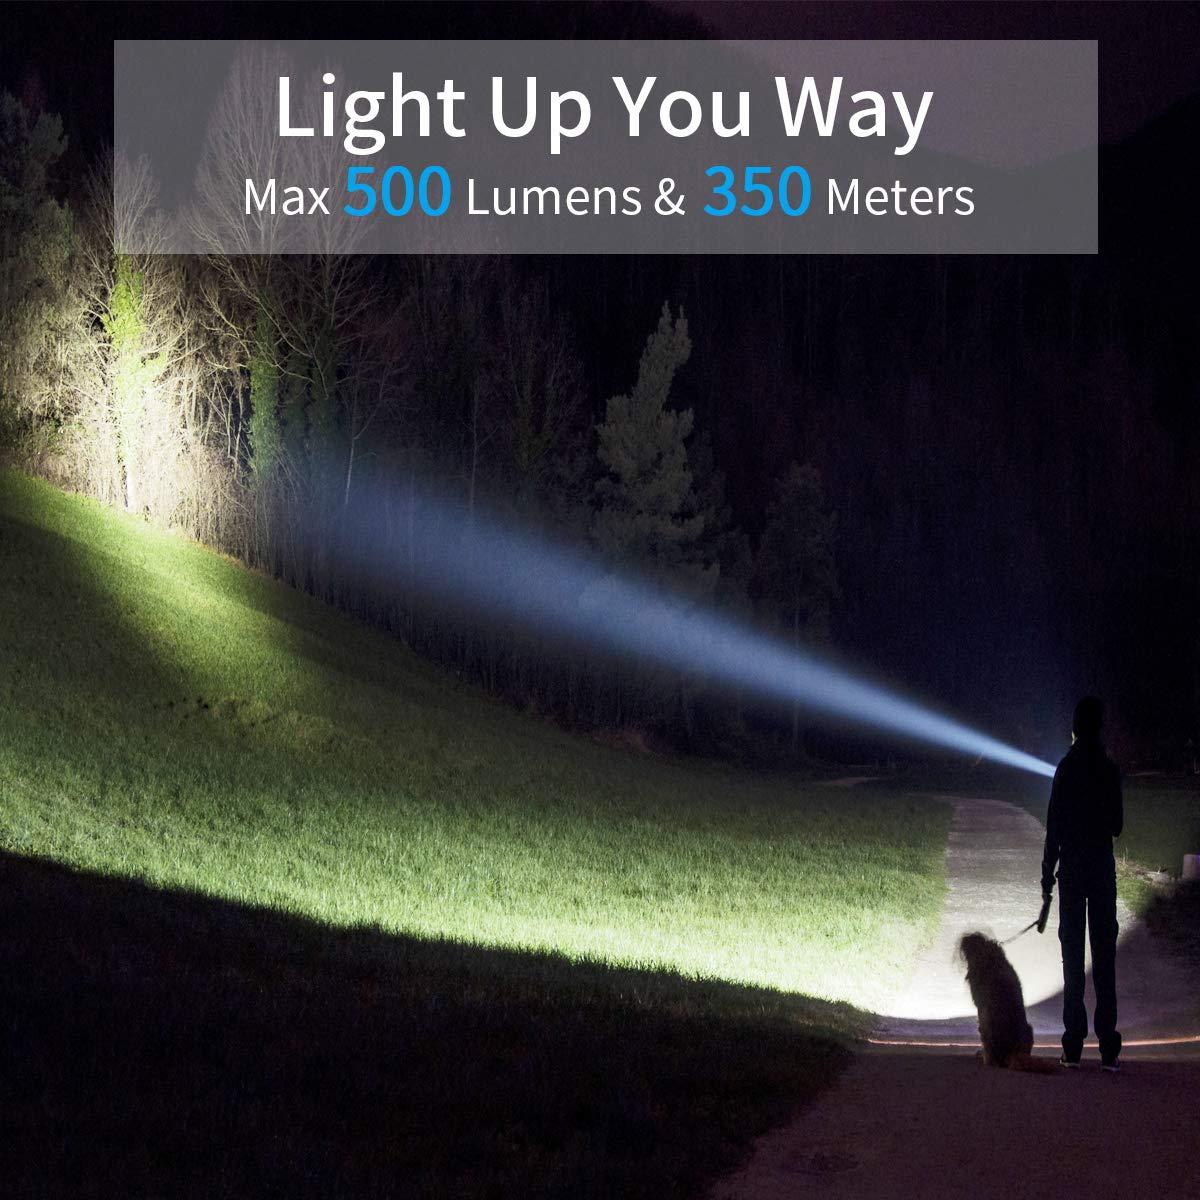 Morpilot Torcia LED Ricaricabili USB Impermeabile Torcia LED Potente e Tascabile per Campeggio, Escursionismo, Passeggiate Notturne, Attività all\'Aperto e Interni come Casa, Ufficio, Lavoro ( Ricaricabile 18650 Batterie Compresa)scabile